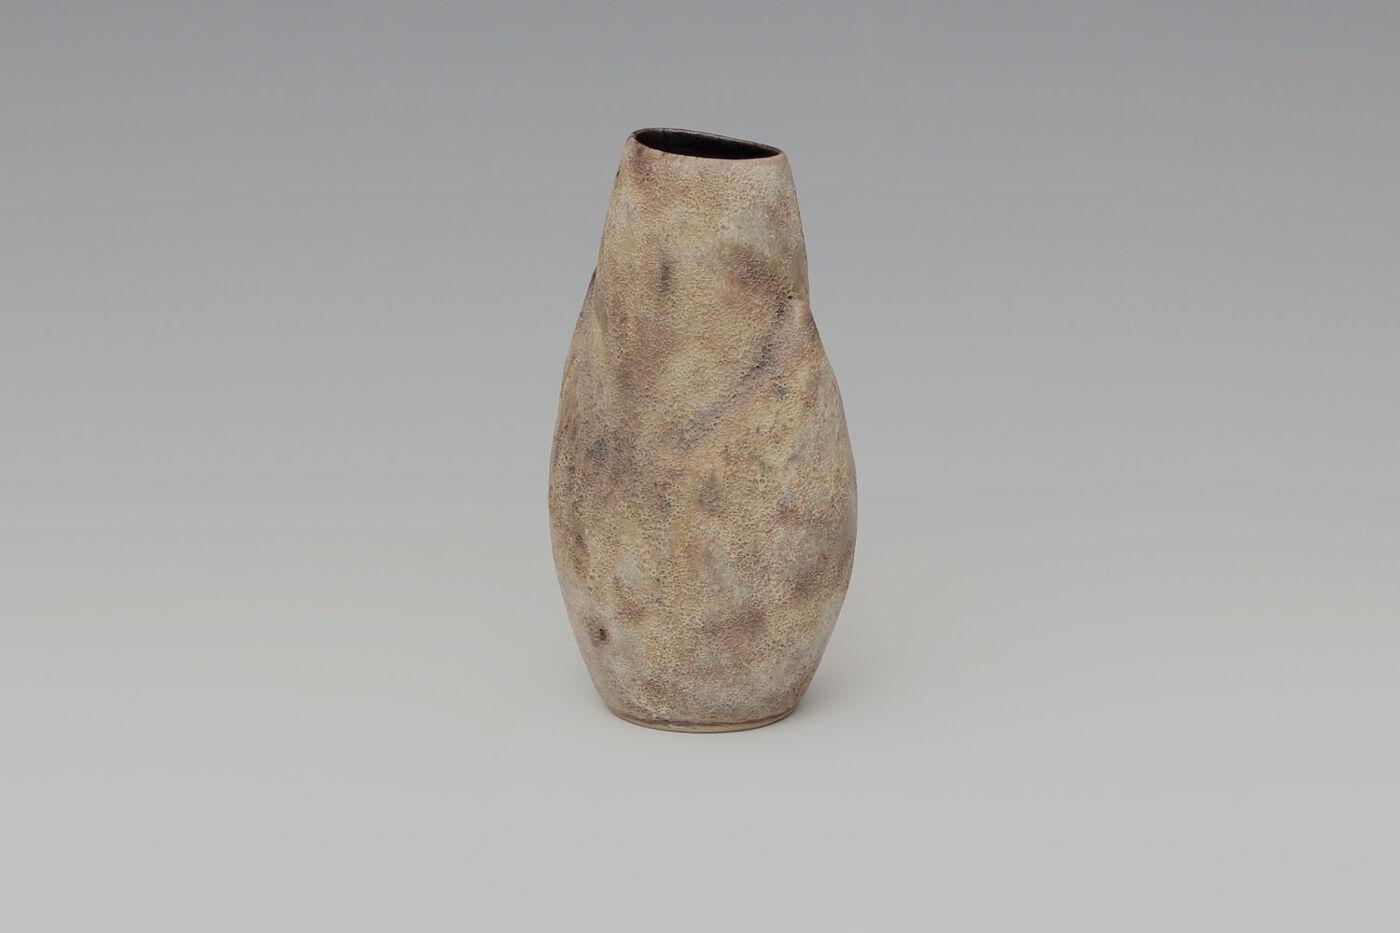 Chris Carter Ceramic Masked Form 158